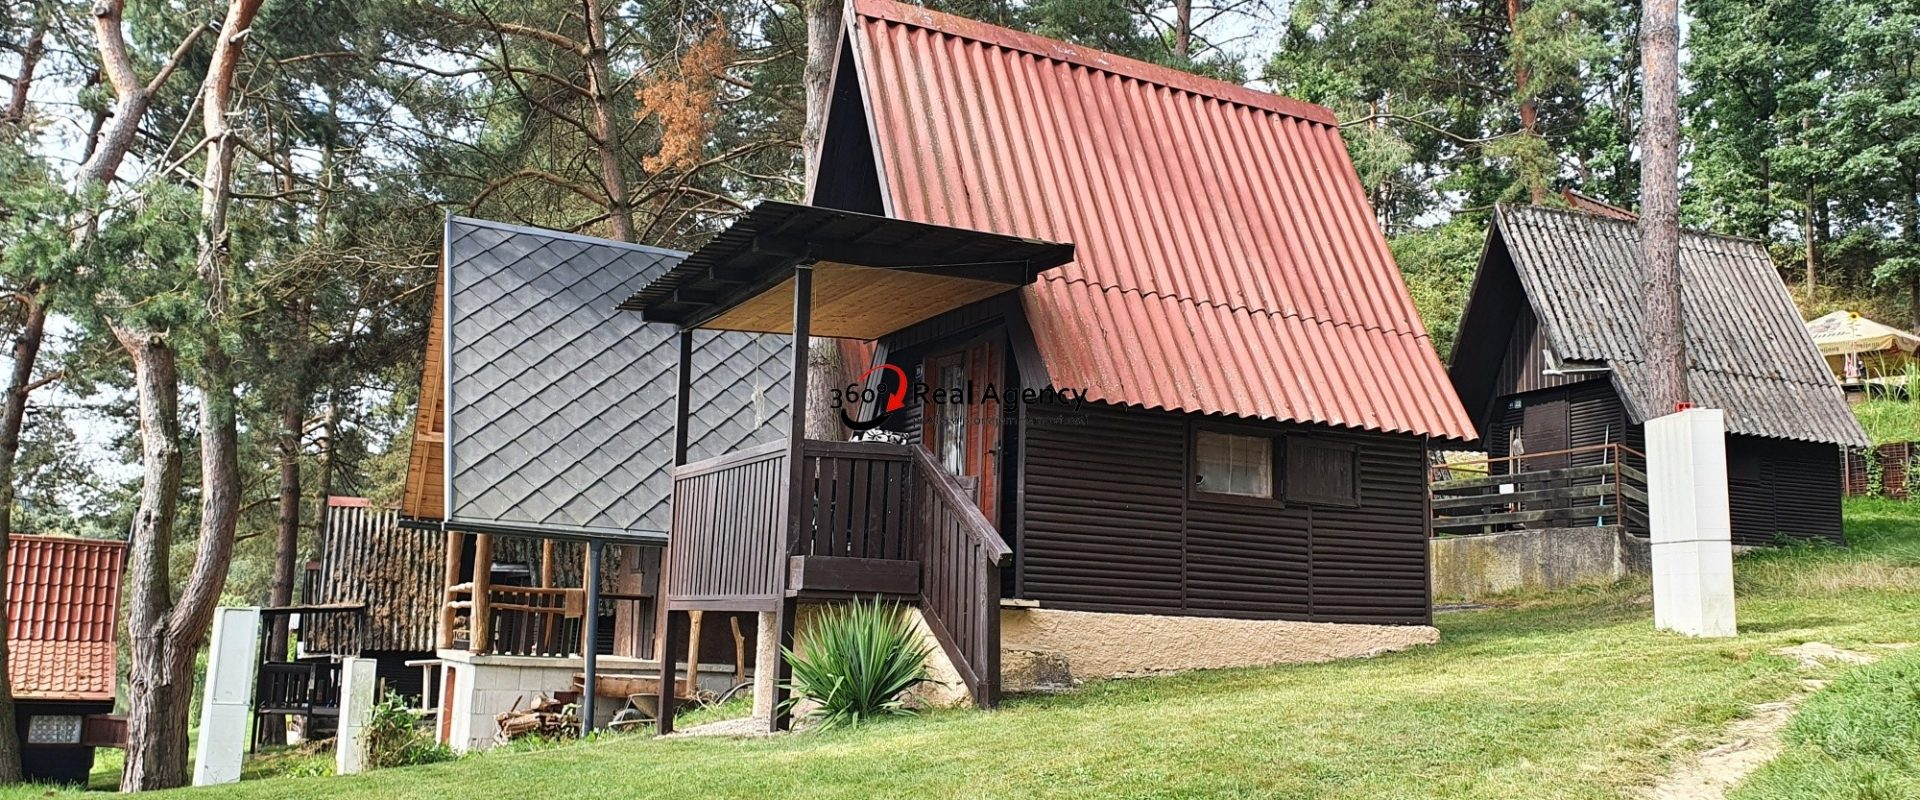 Prodej chaty 23 m², pozemek 98 m² Bechyně – Hvožďany, okres Tábor.